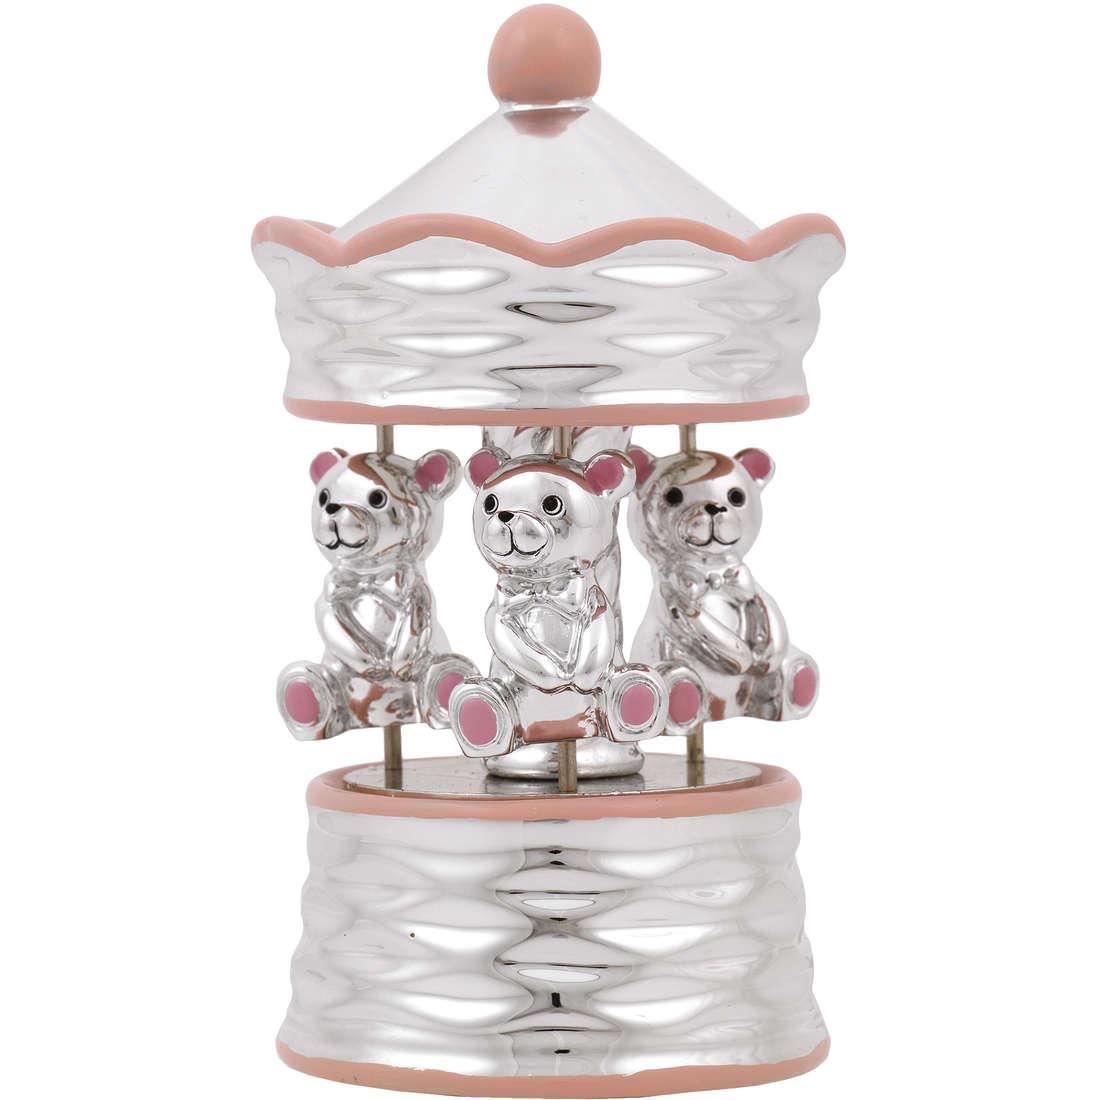 accessori neonato Bagutta Baguttino B 4171-02 R